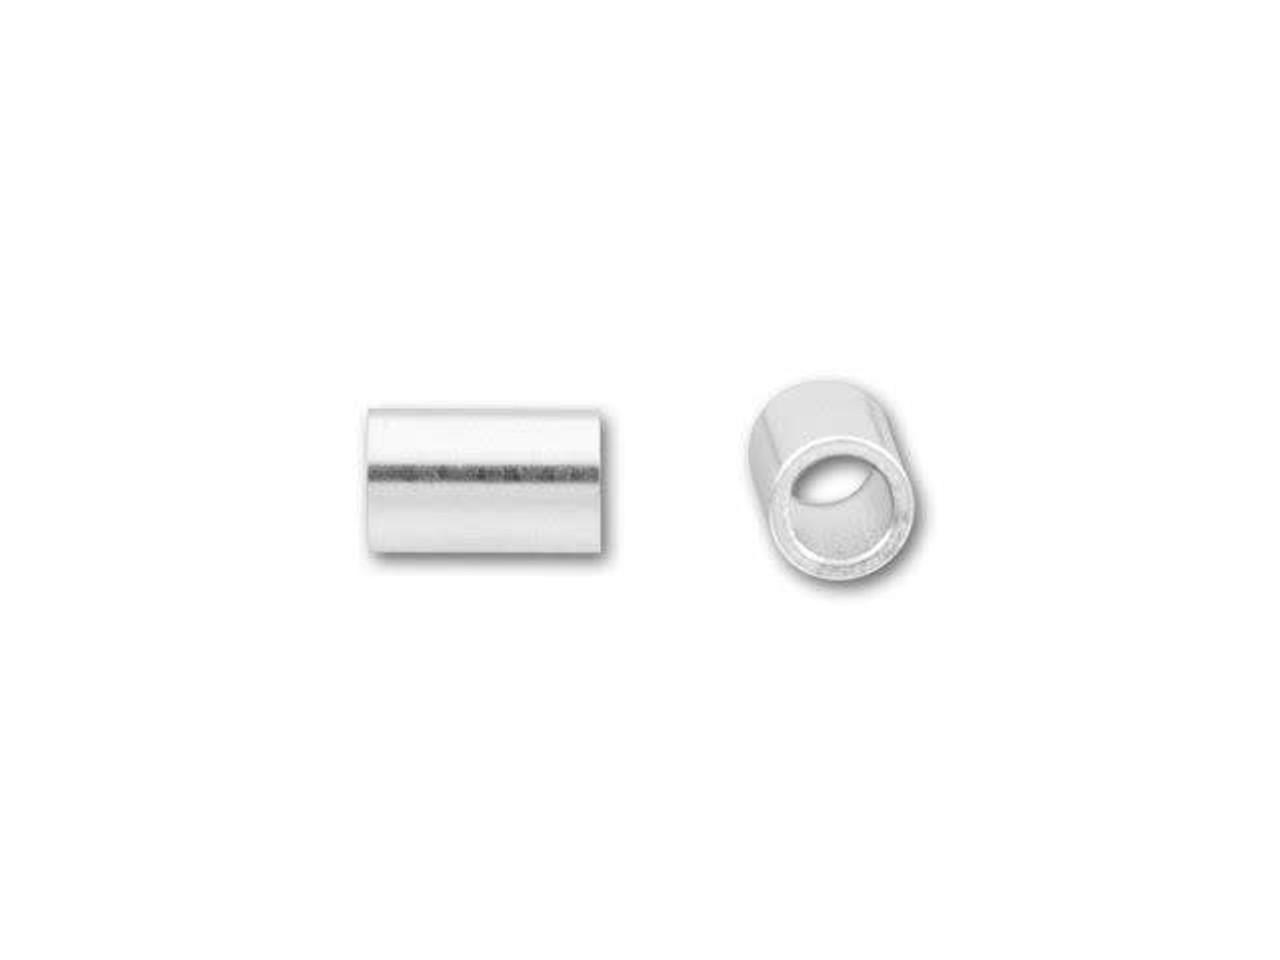 5mm Sterling Silver Bead Tip with Loop #BSB023